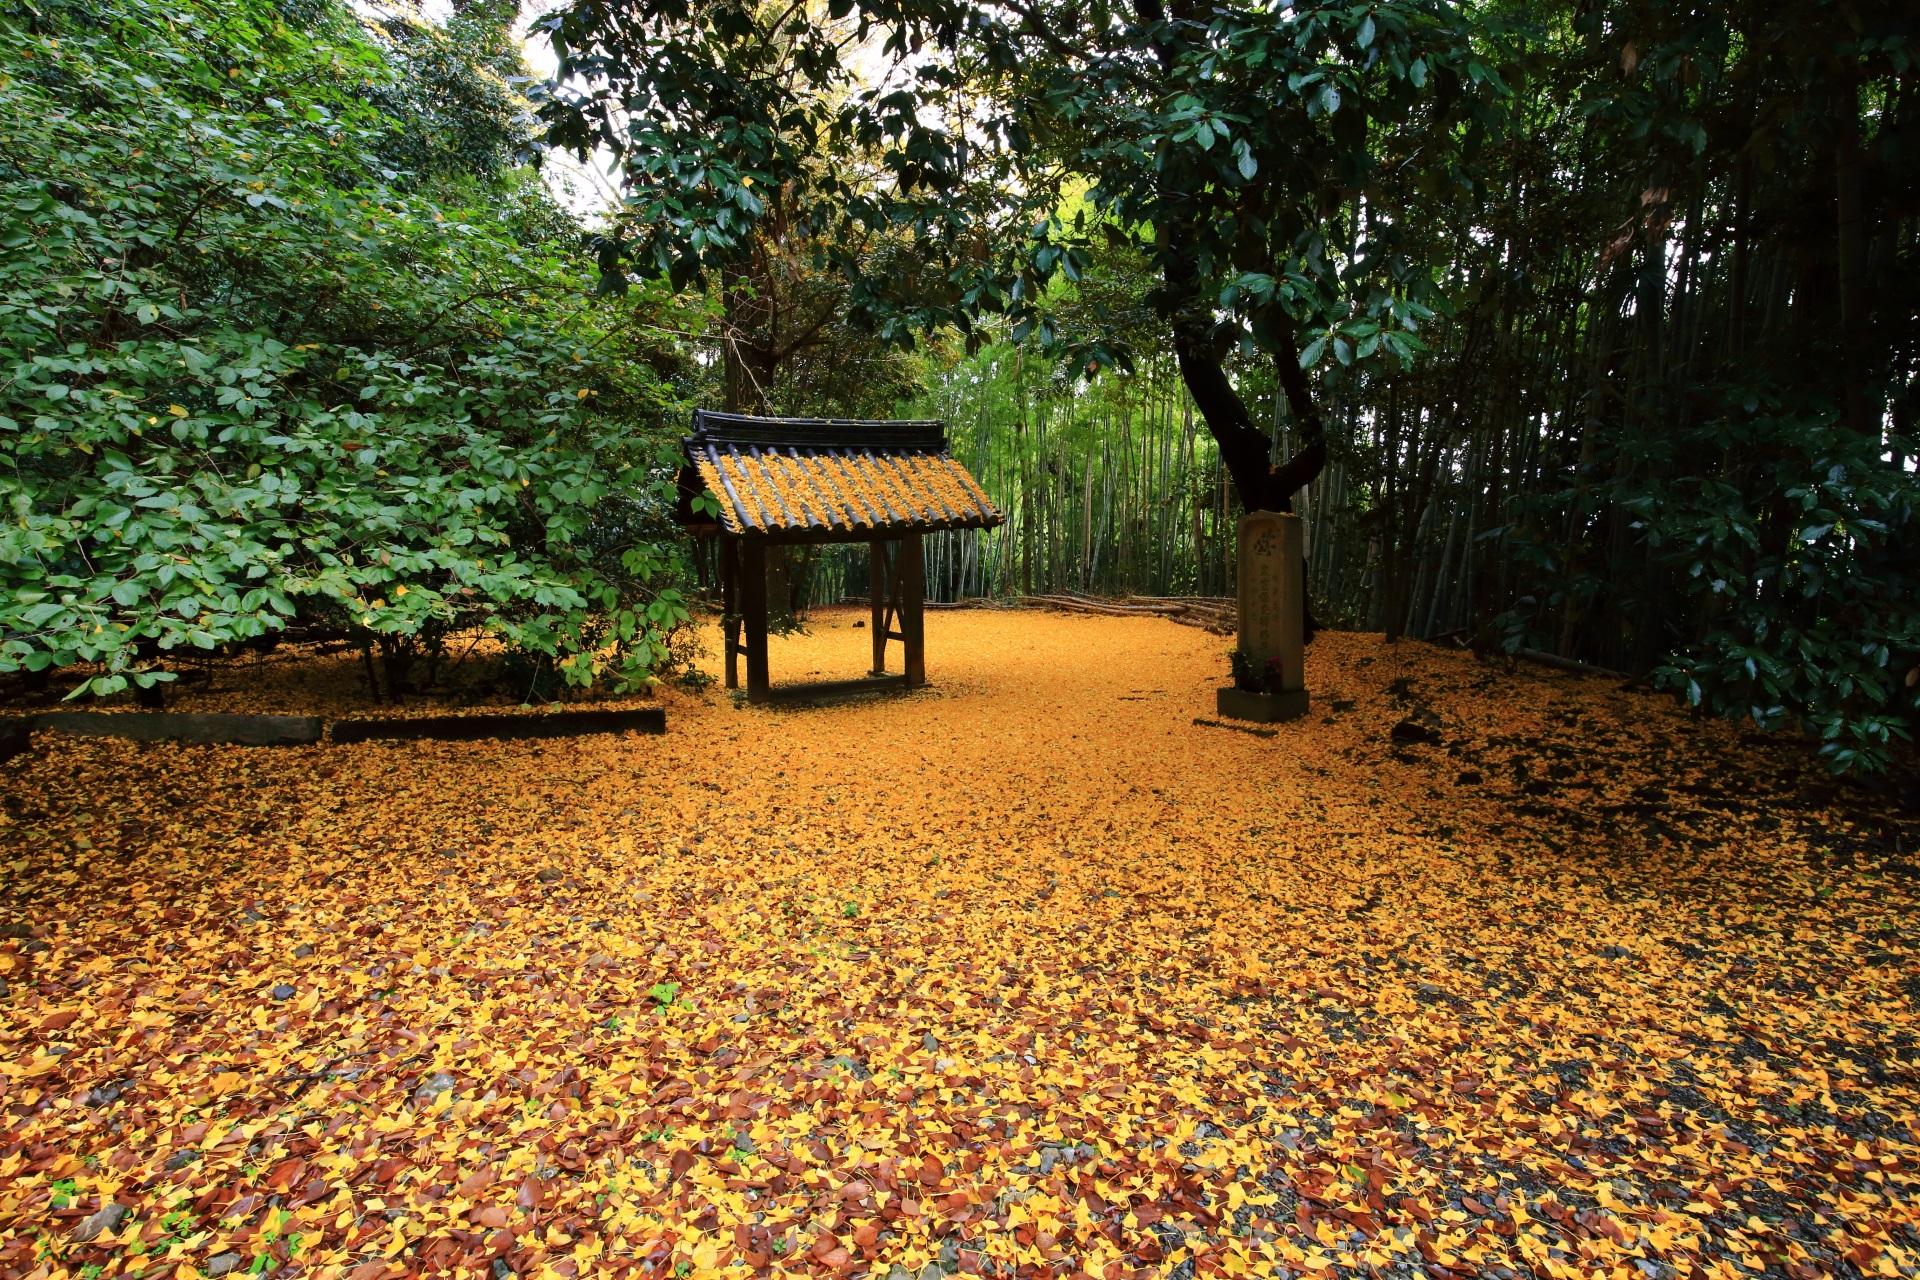 山崎聖天の有名な散り銀杏の空間